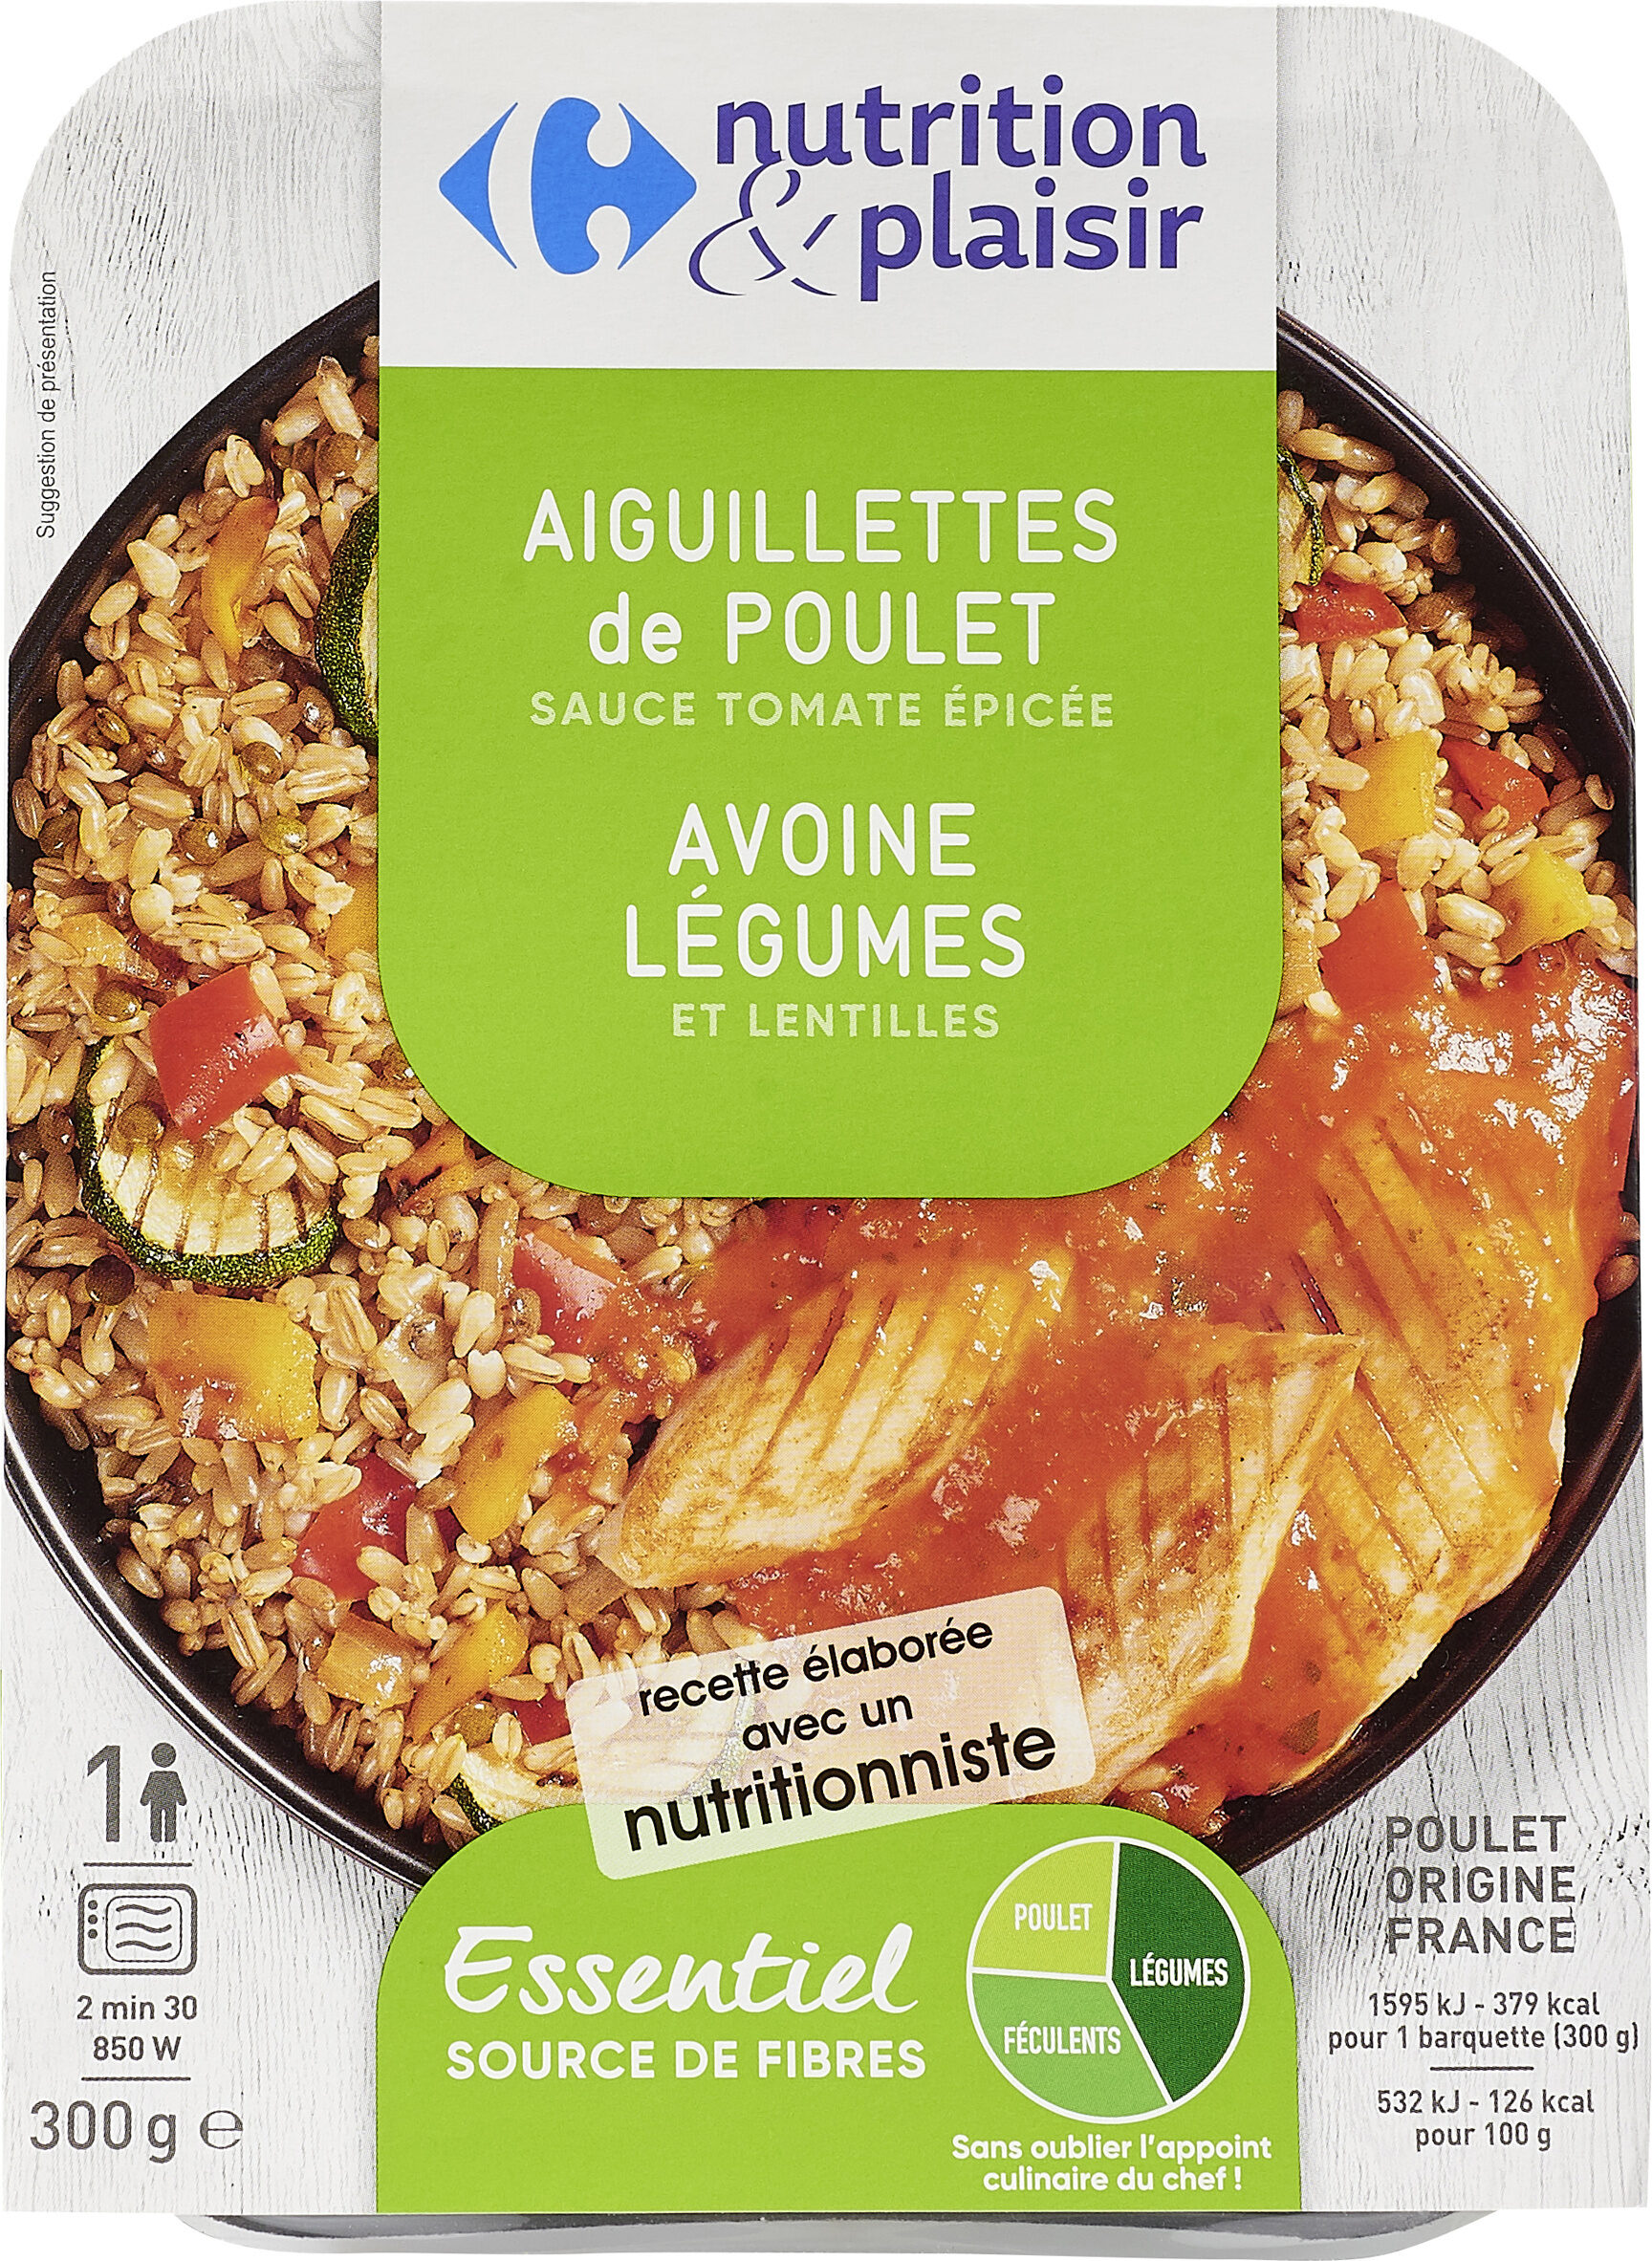 Aiguilettes de poulet/avoine legumes - Produit - fr